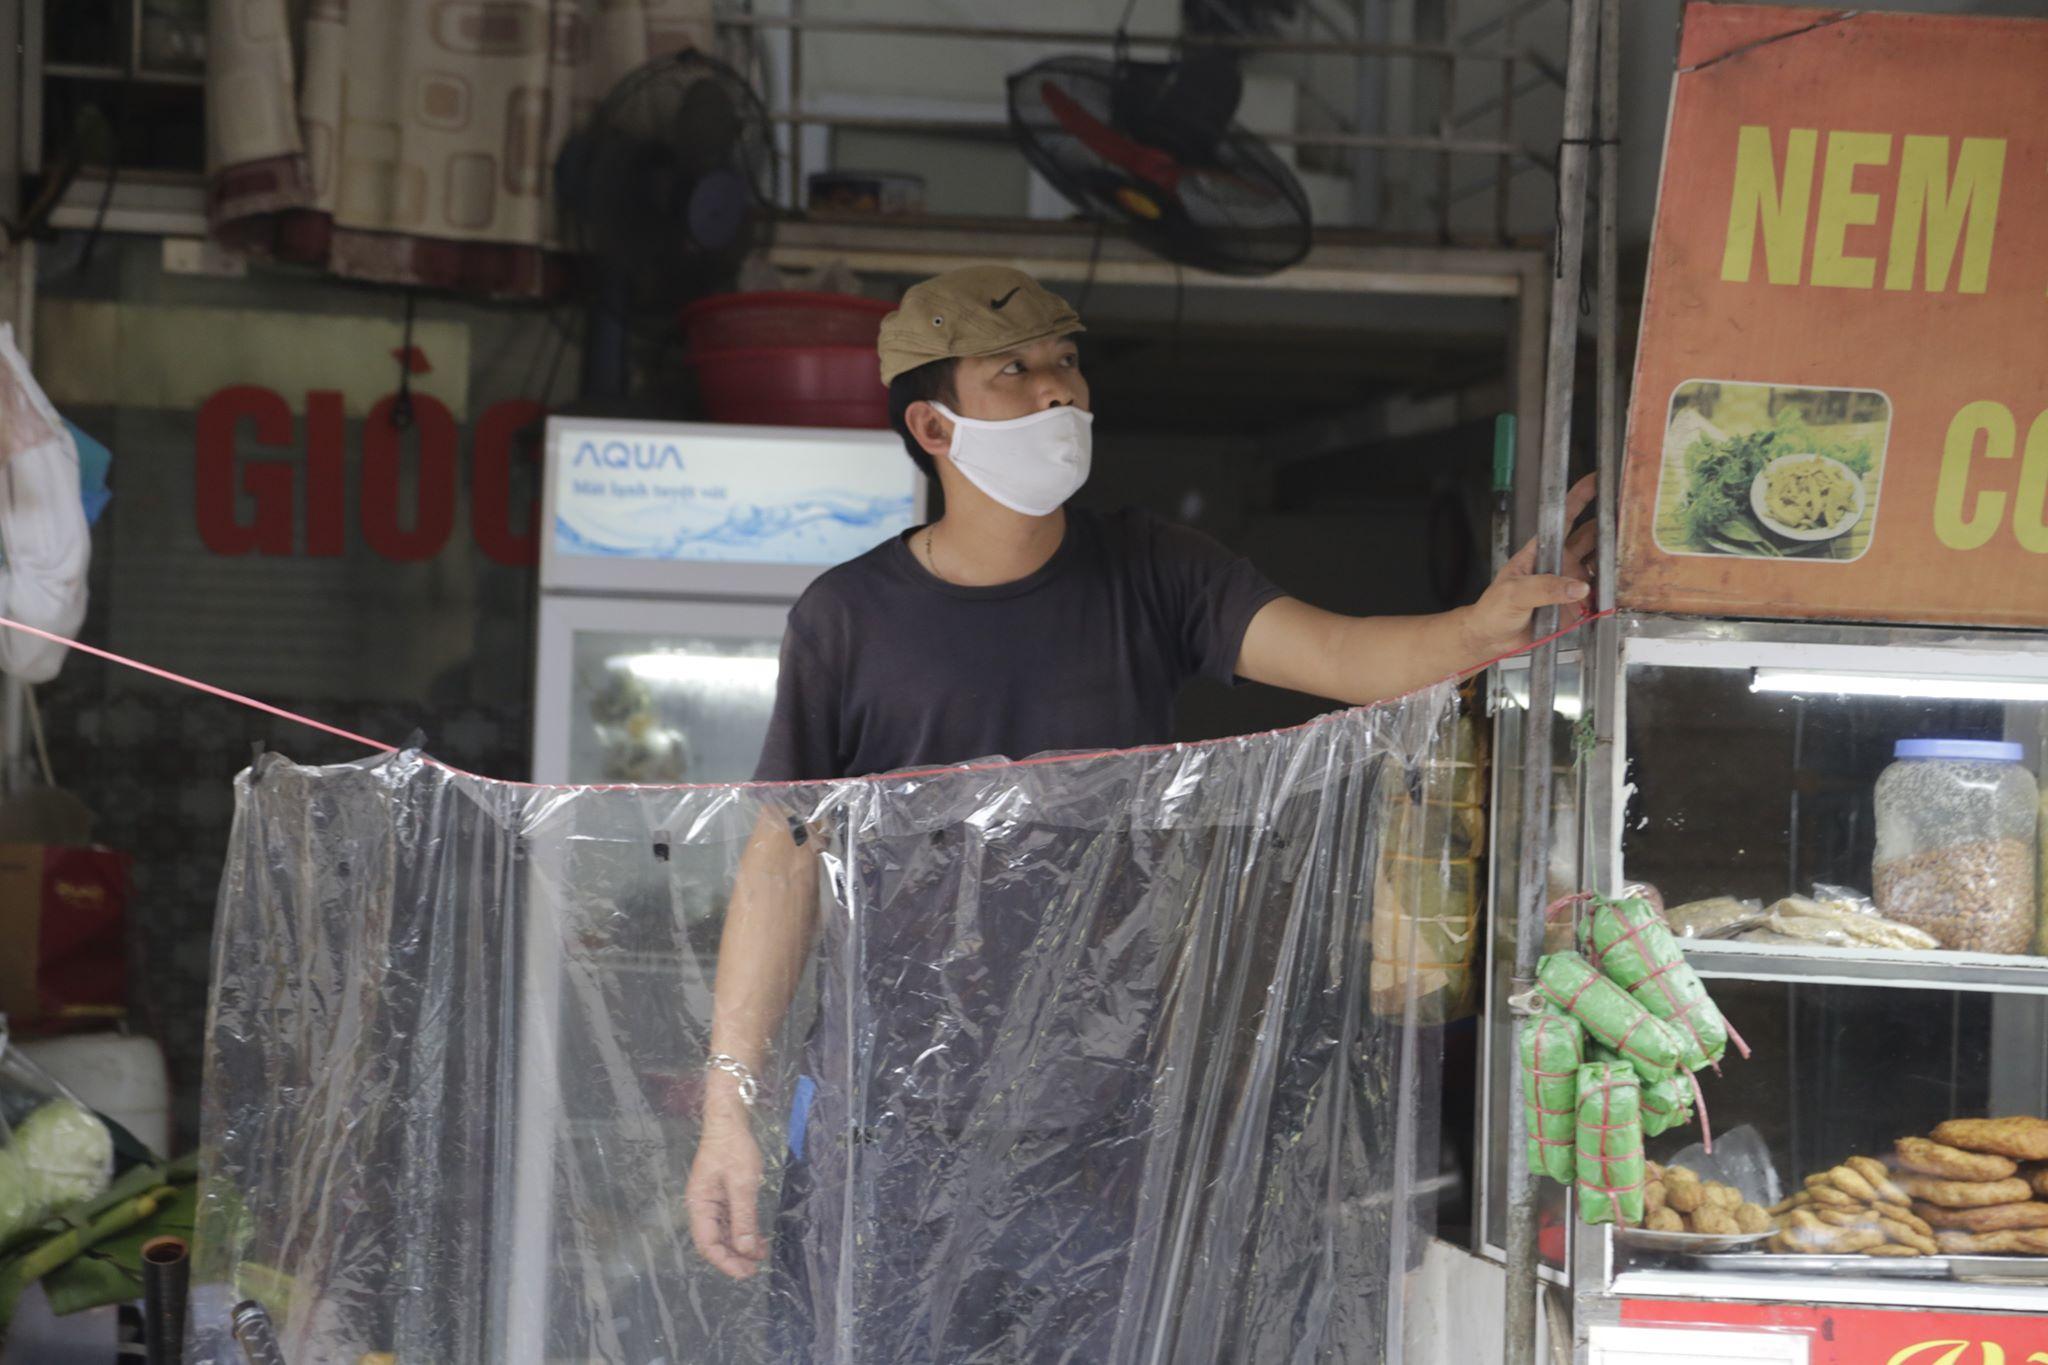 Sau khi phát hiện ca bệnh này, người dân khu phố Hồng Mai vẫn duy trì nếp sống cũ, không quá hoang mang sợ hãi. Tuy nhiên một số cửa hàng tạp hóa cũng tự bảo vệ bản thân bằng một hàng rào nilon đặc biệt.